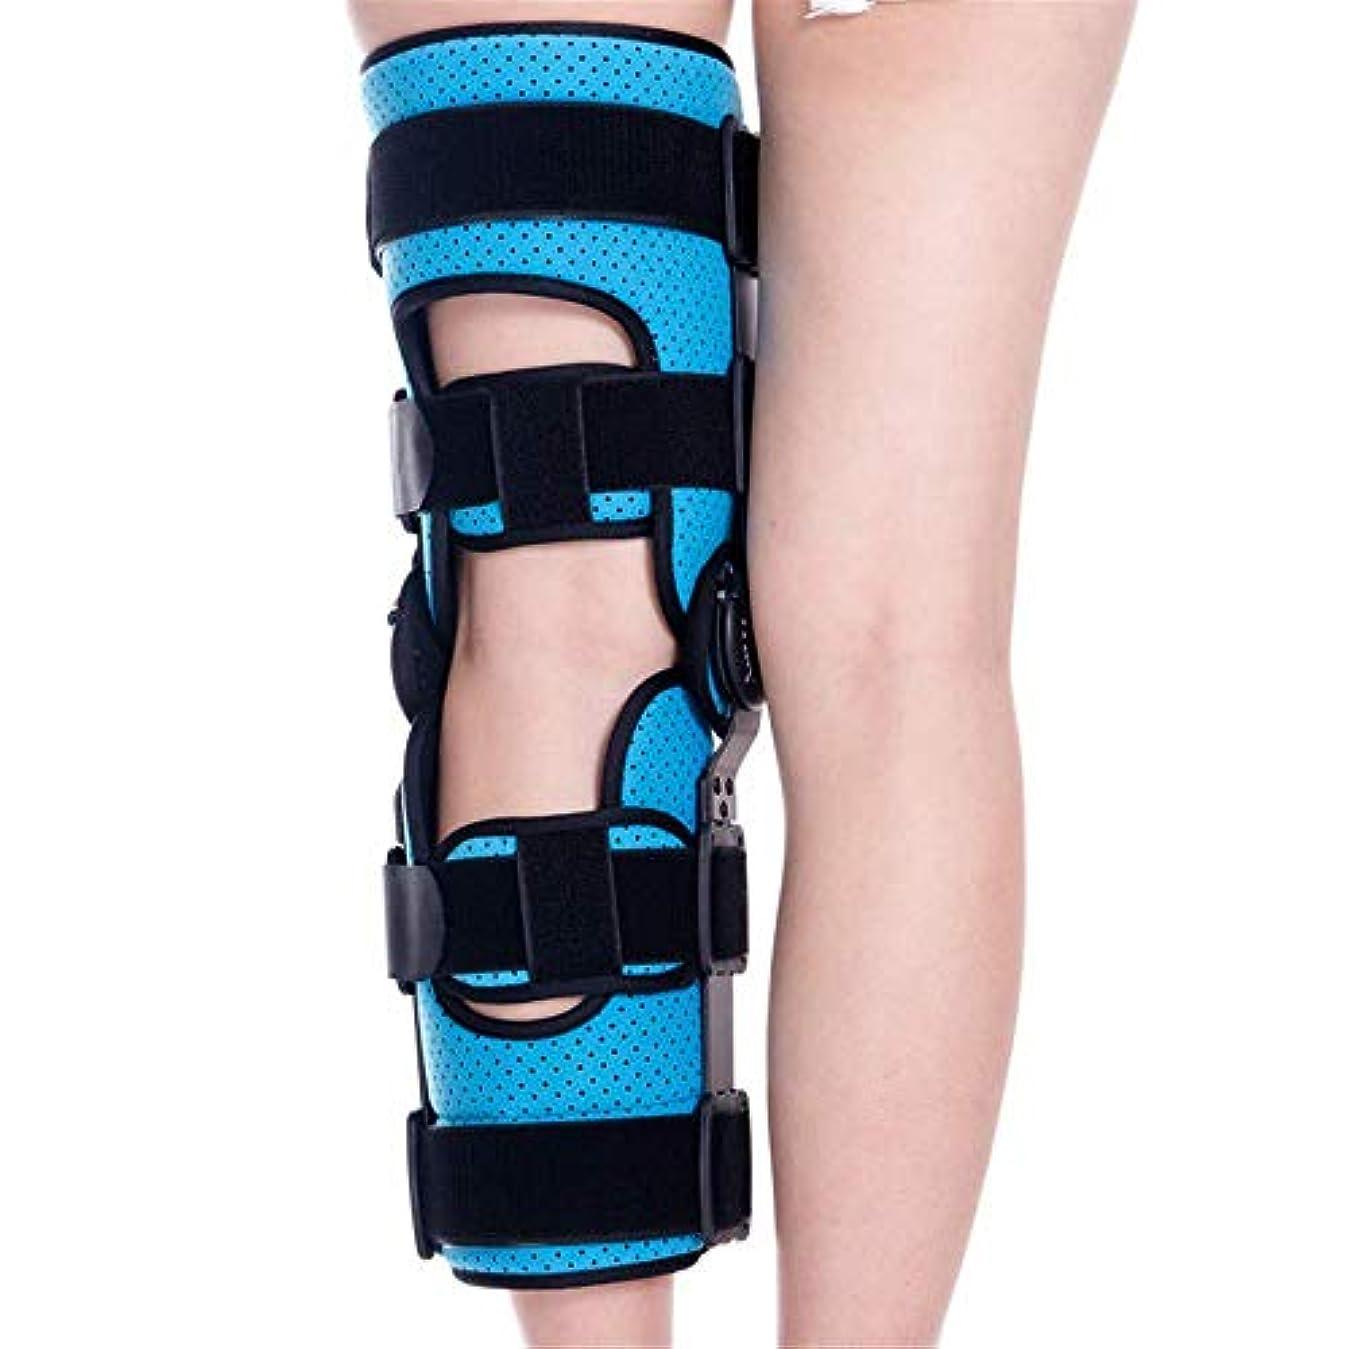 アラブ薄いです対話膝のブレースストラップ、膝のブレースジョイント膝蓋骨ブレーススタビライザーパッドレッグレスト、靭帯、スポーツ傷害、上腕骨支持スタビライザーパッドアライナー,Left,L